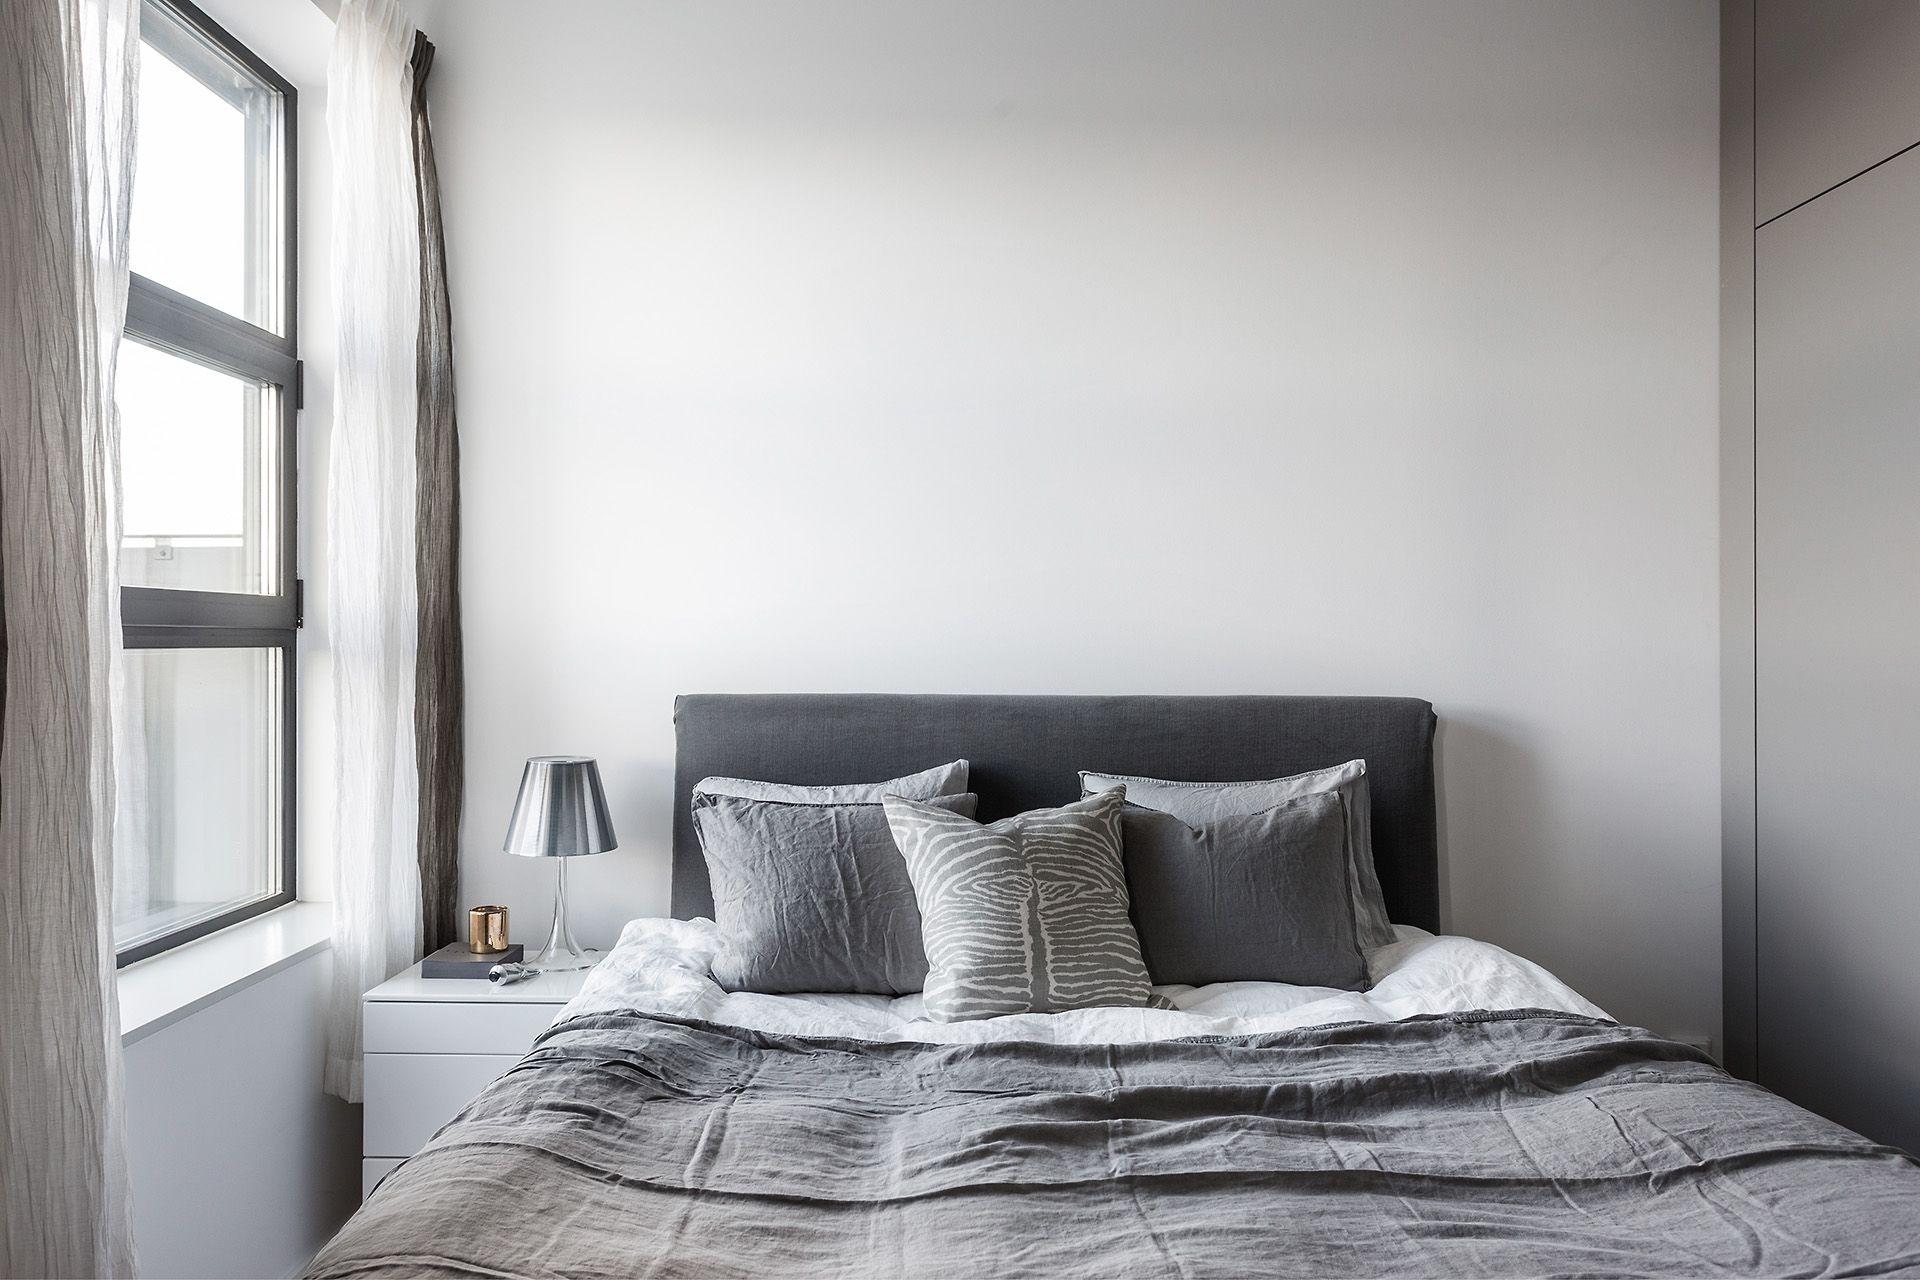 Minimalistische slaapkamer met grijs kleurenpalet interieur